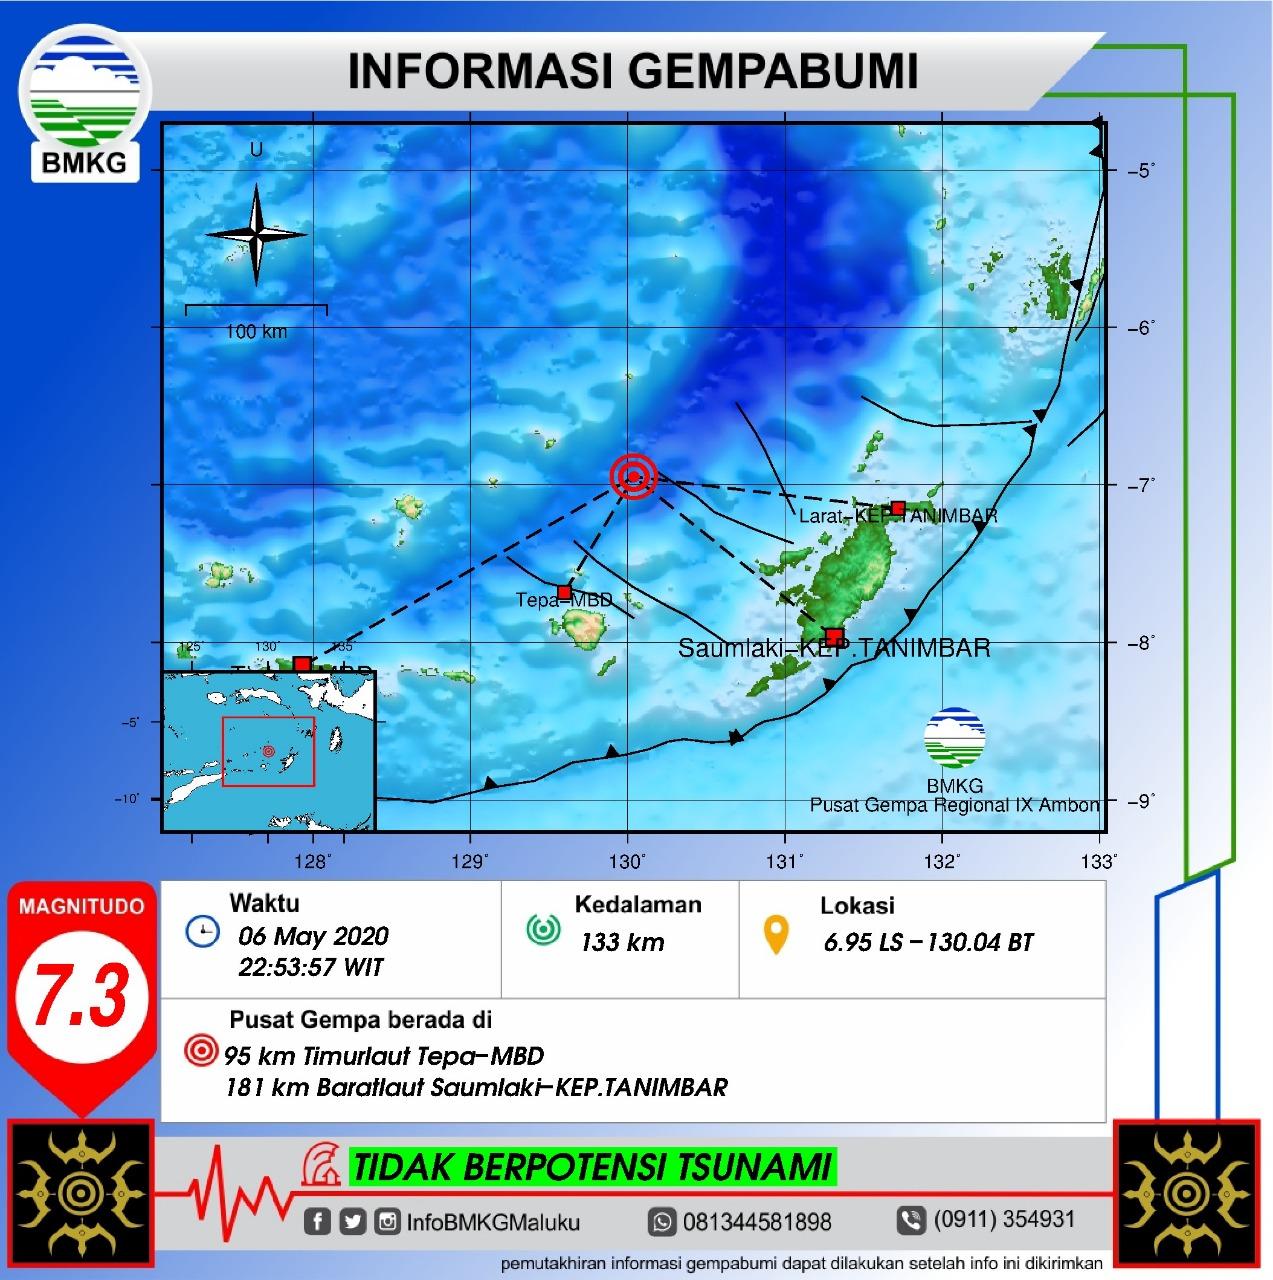 Gempa 7,3 Guncang Barat Laut Tanimbar, Getaran Dirasakan Kuat Sampai Sorong 27 IMG 20200506 WA0038